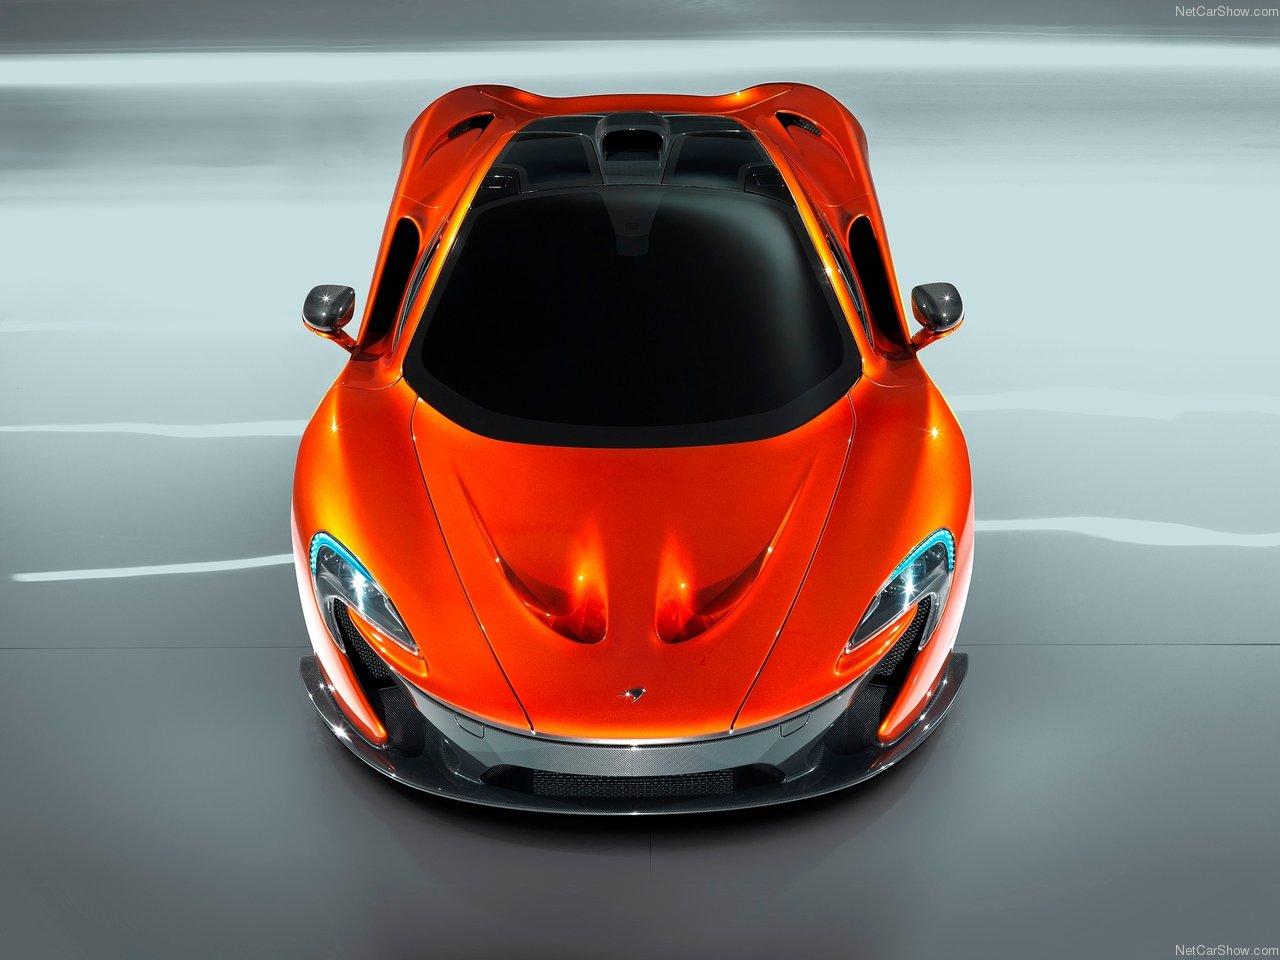 McLaren P1 Concept 2012 McLaren-P1_Concept-2012-1280-1a